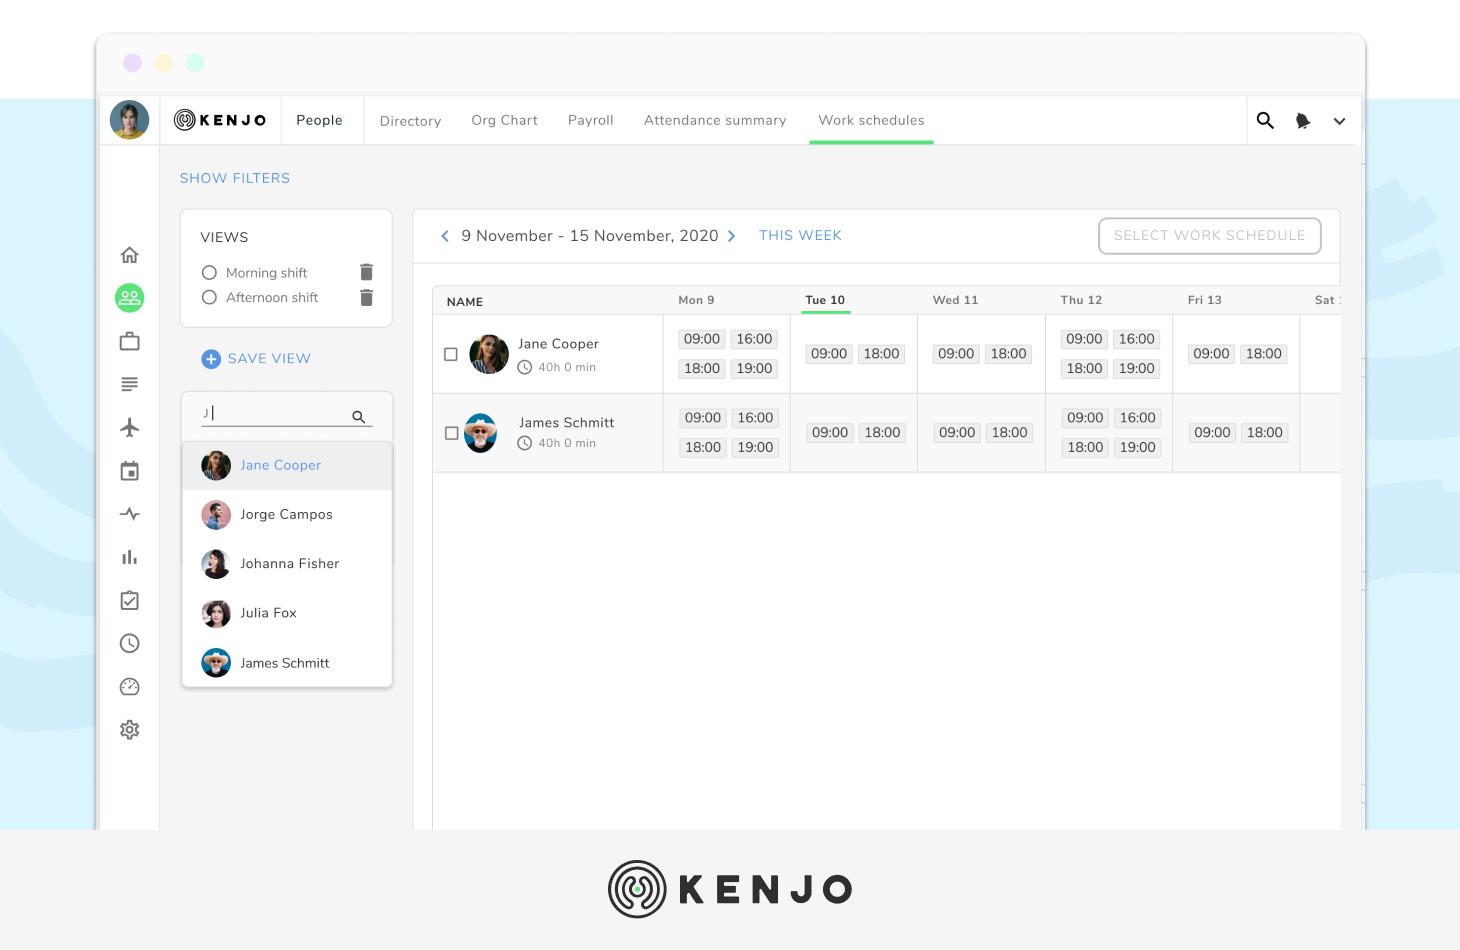 interface del sotware de vacaciones de empleados de Kenjo